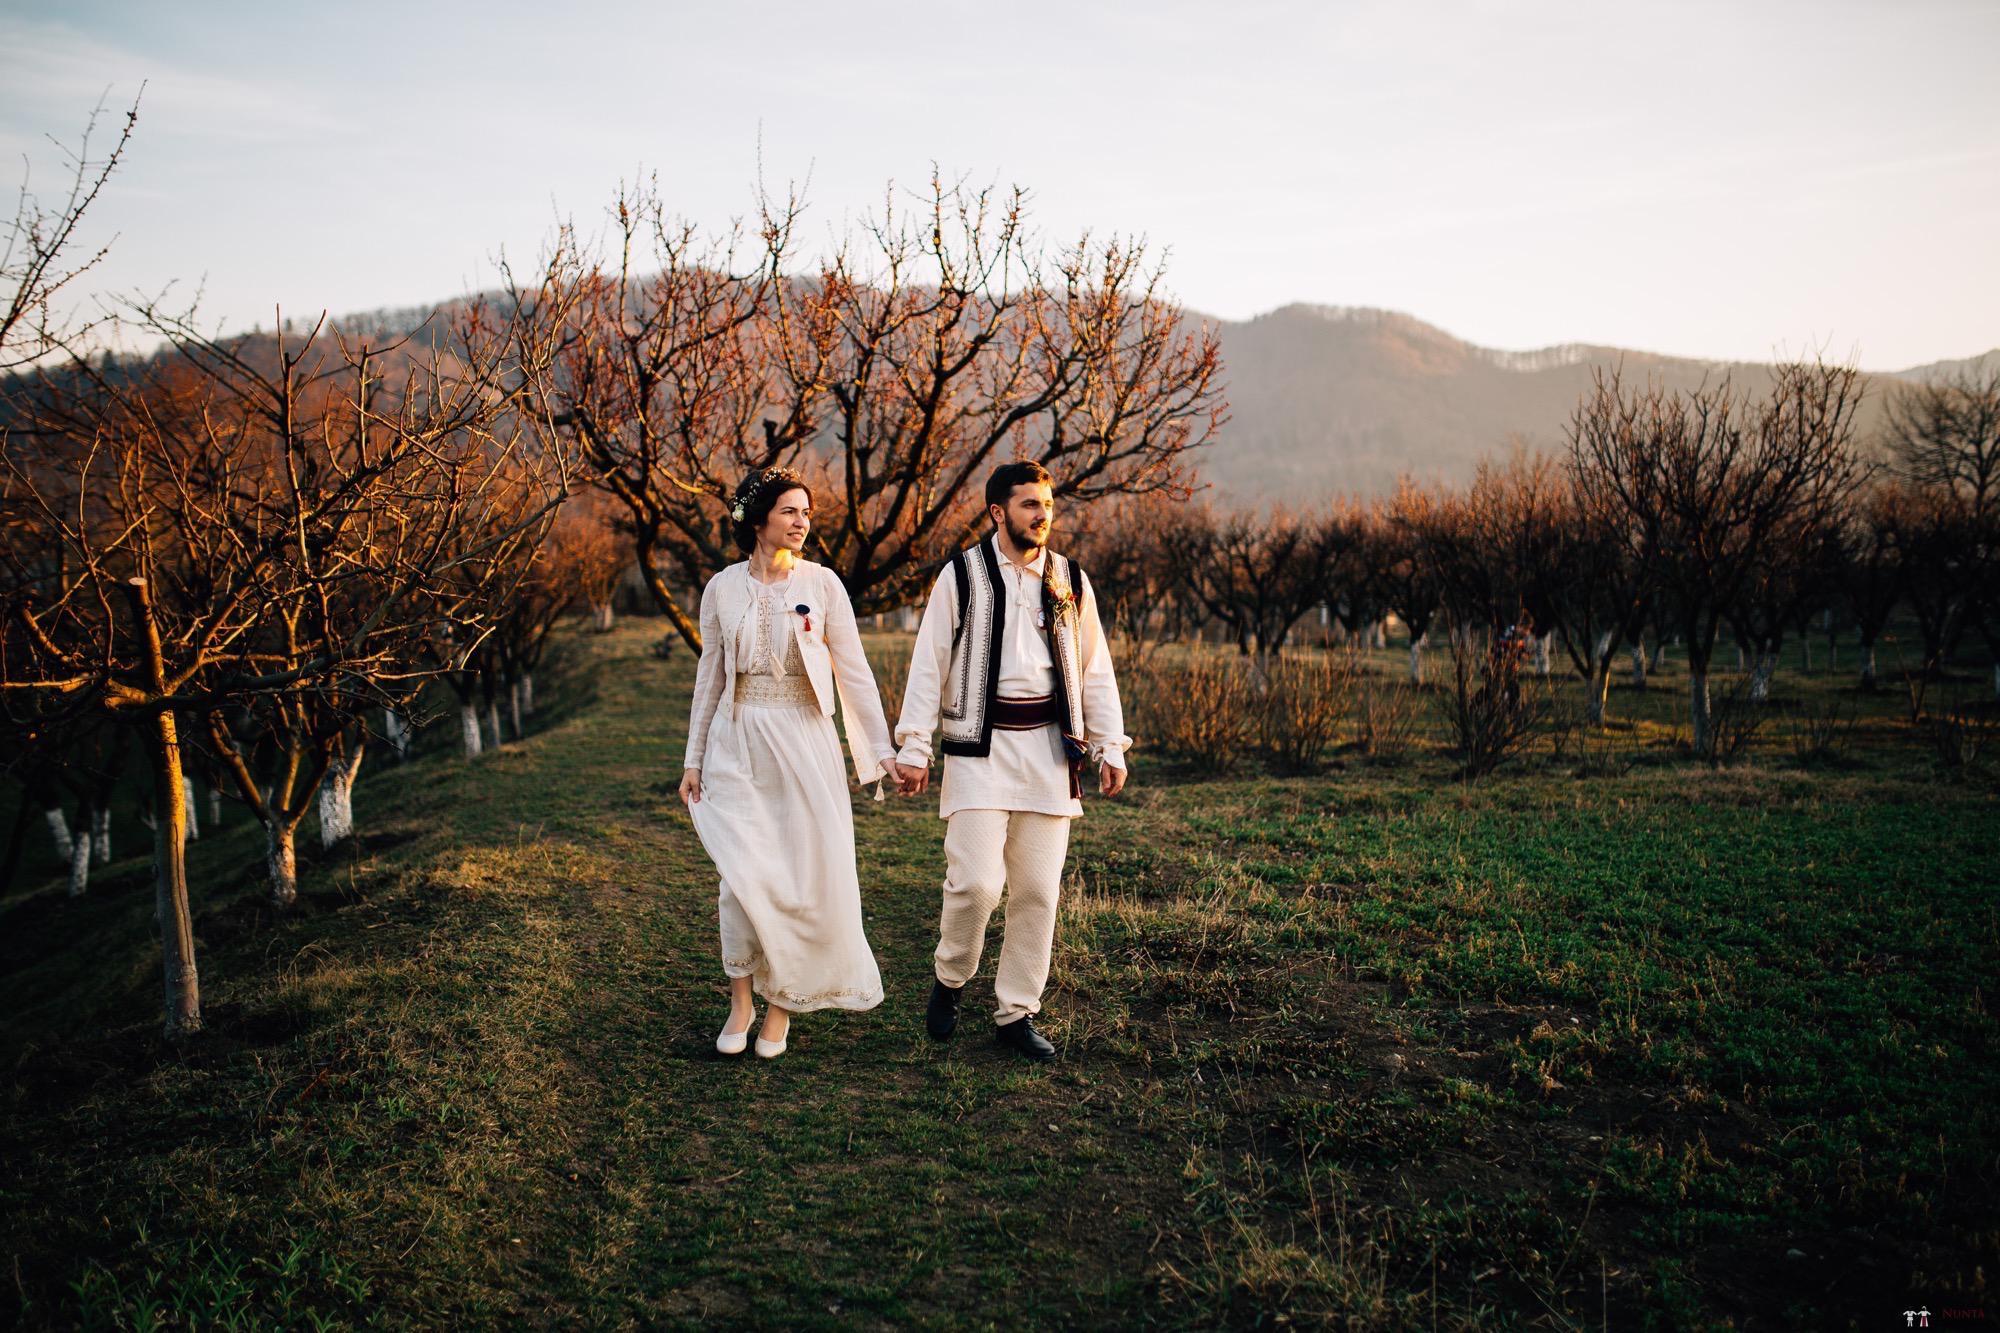 Povești Nunți Tradiționale - Gabriela și Adrian. Nuntă tradițională în Piatra Neamț 48